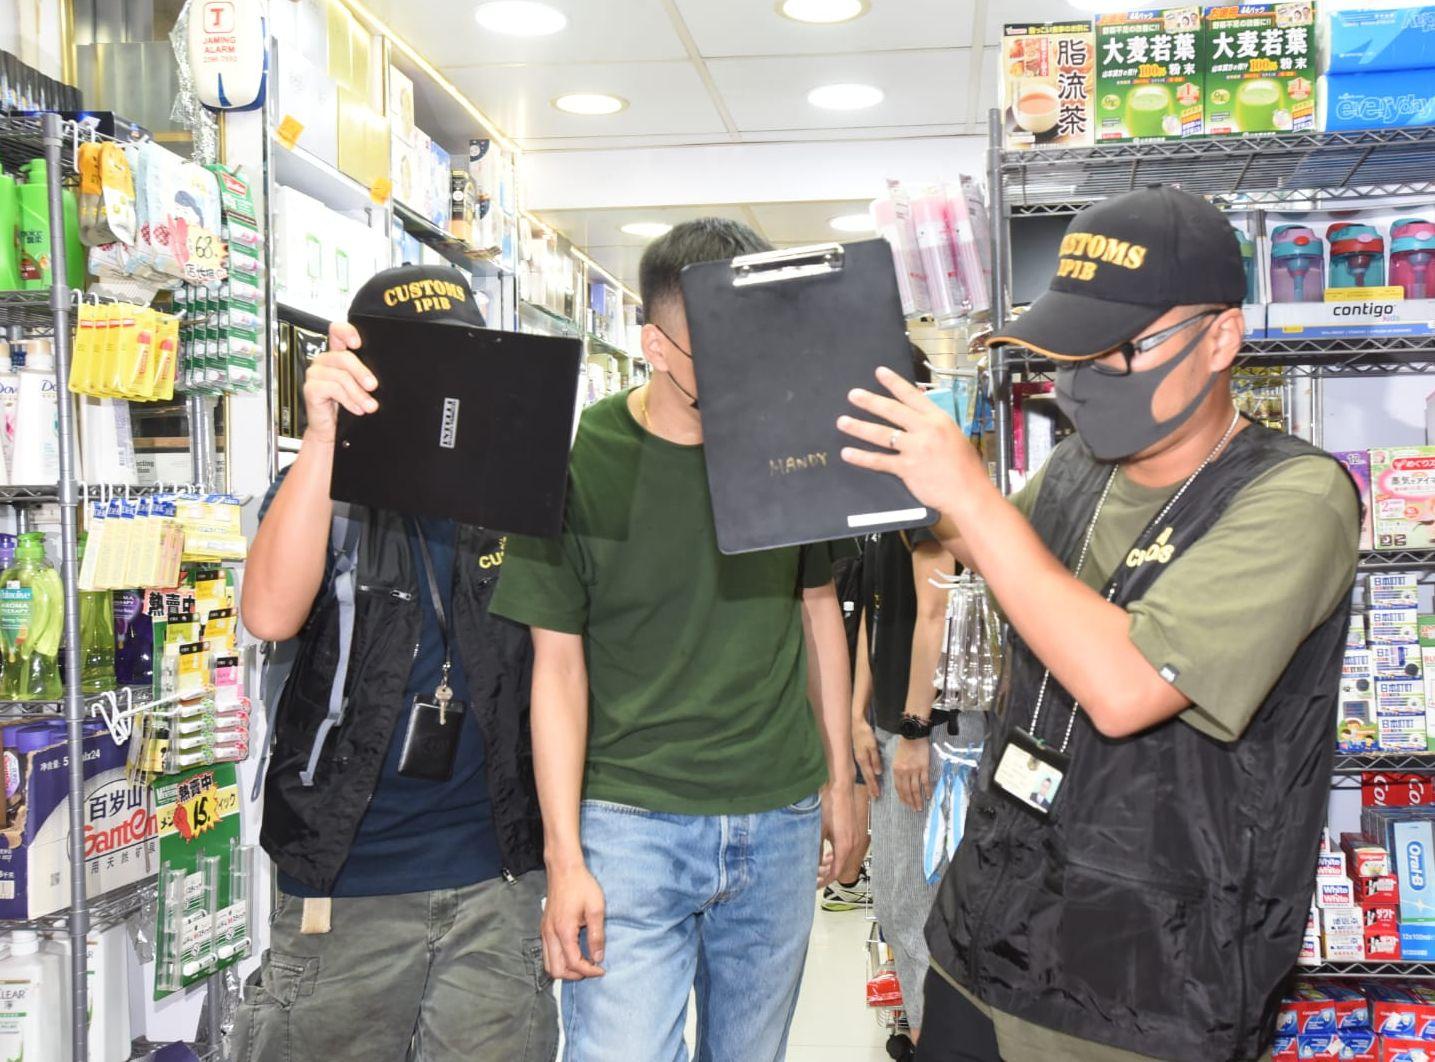 海關人員拘捕兩名男子。